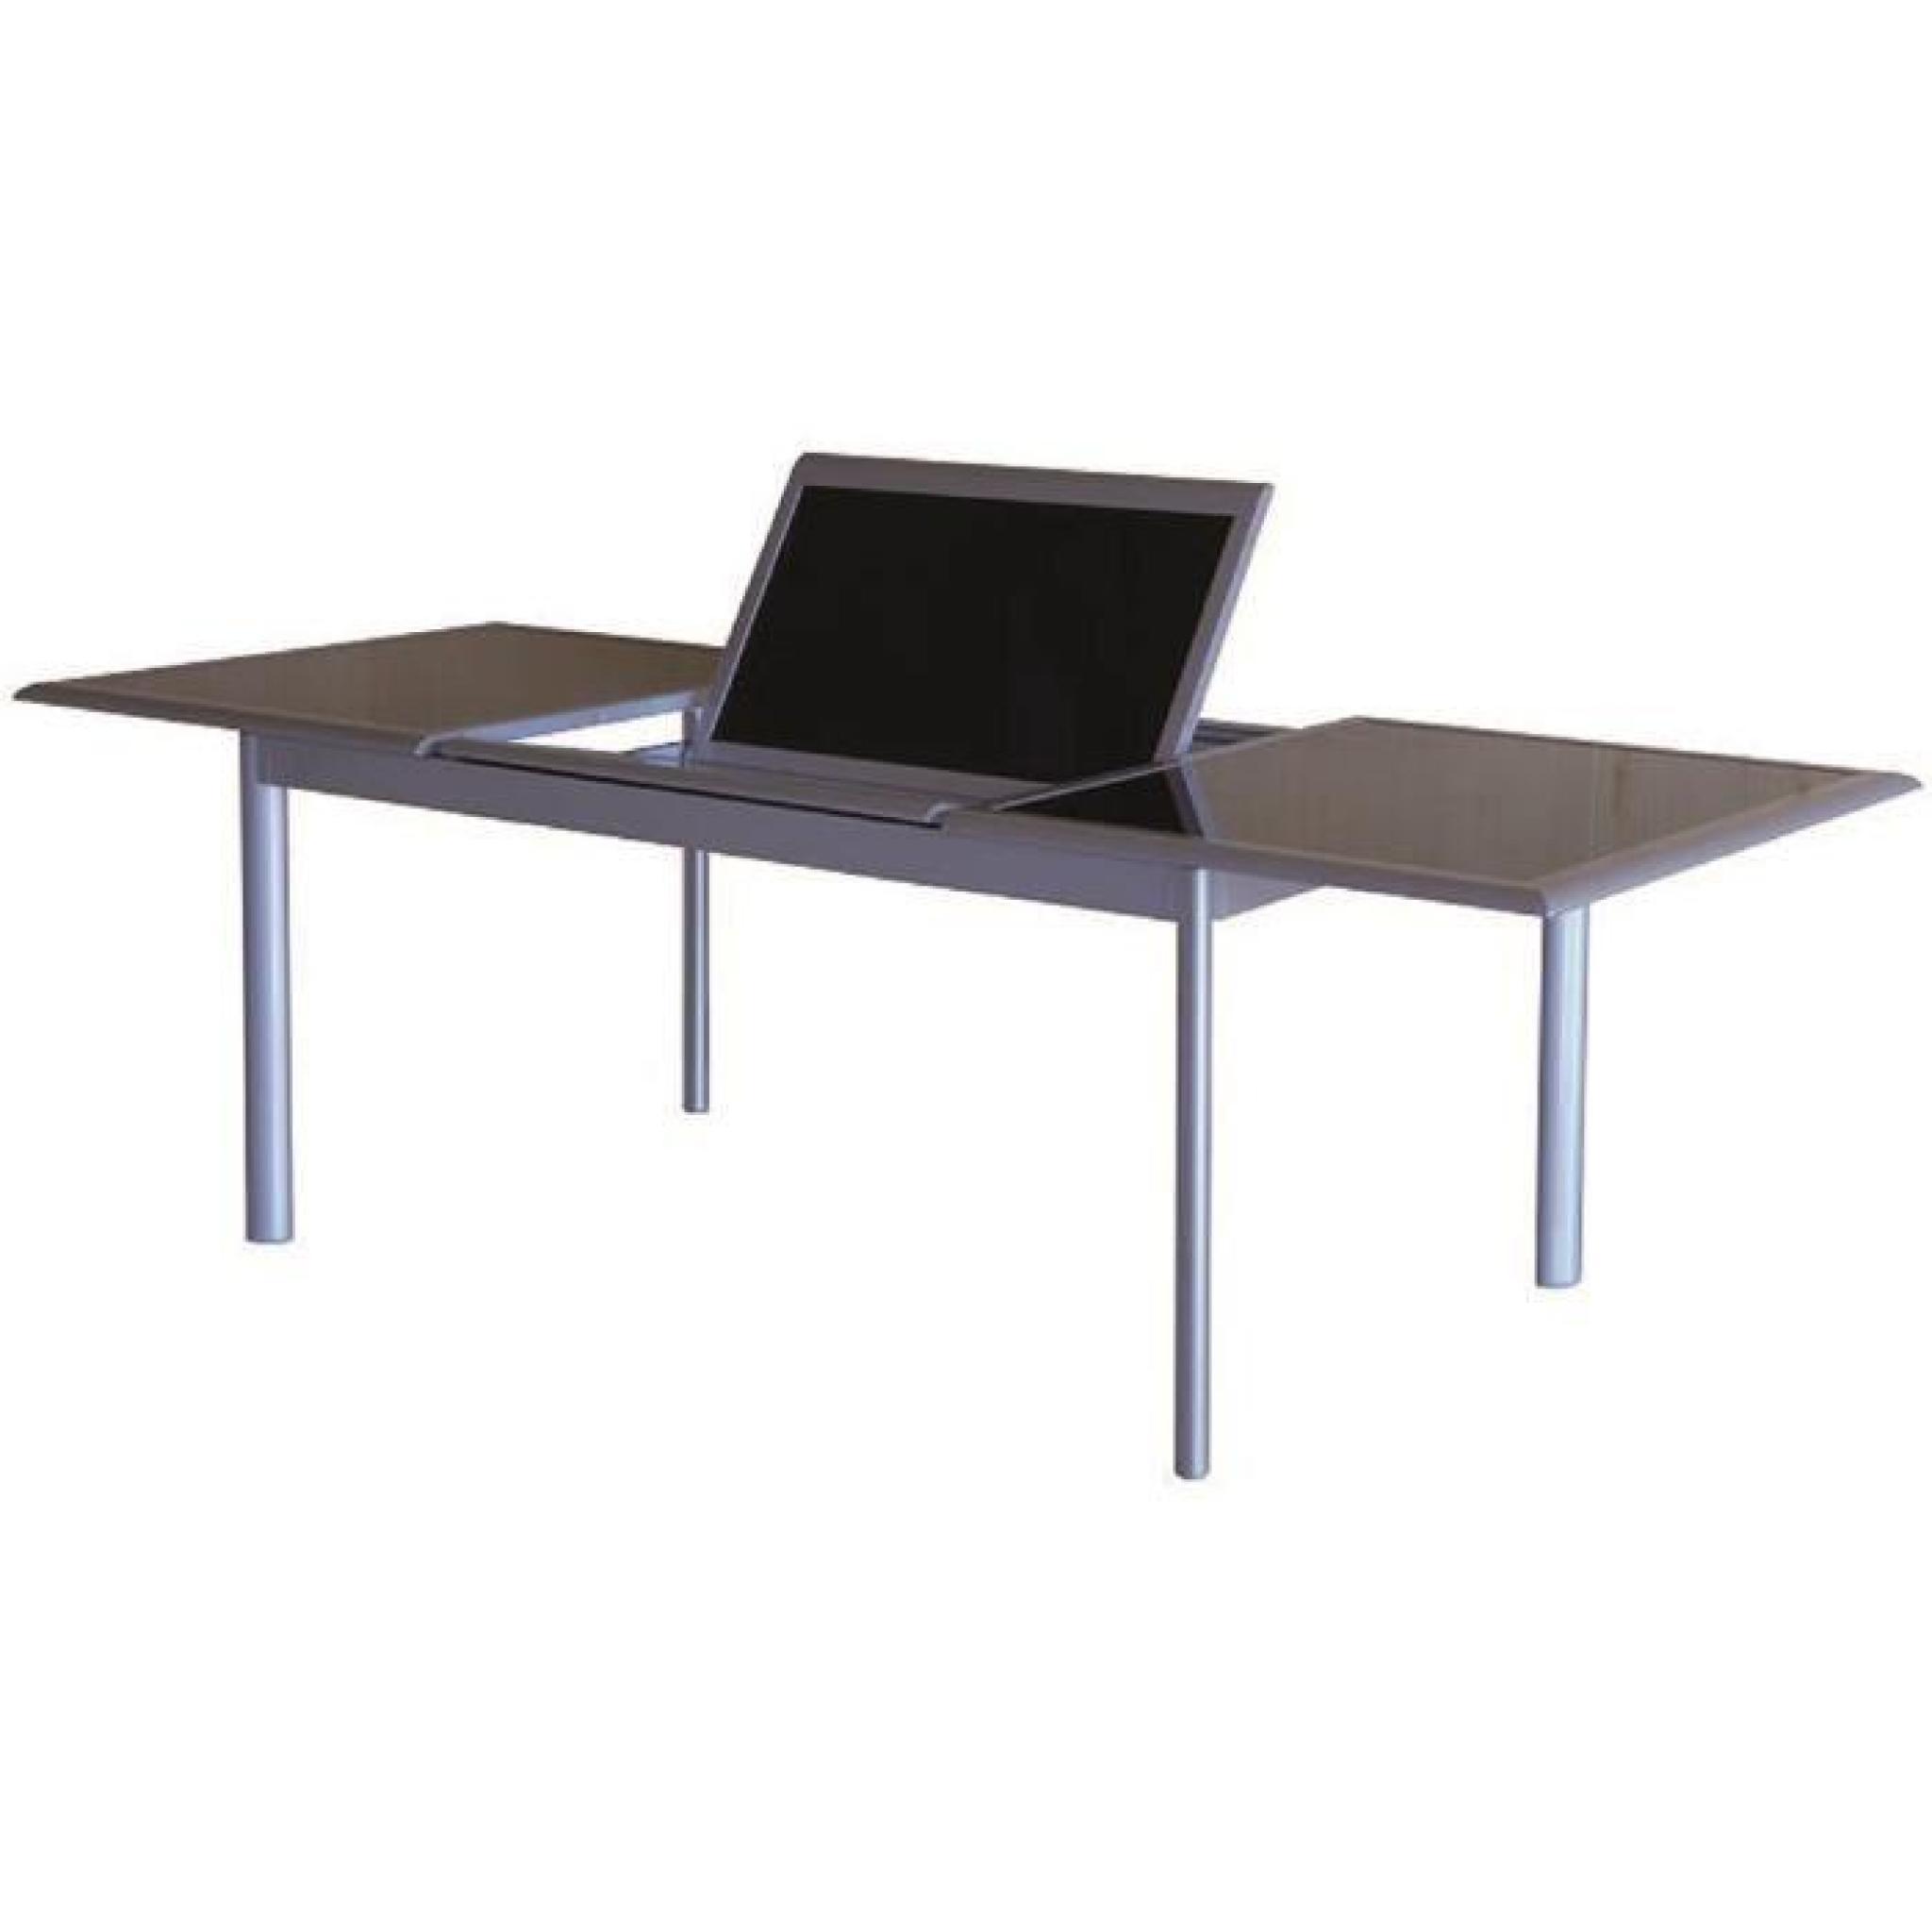 Table Extensible En Aluminium Noir Opaque Avec Plateau En Verre